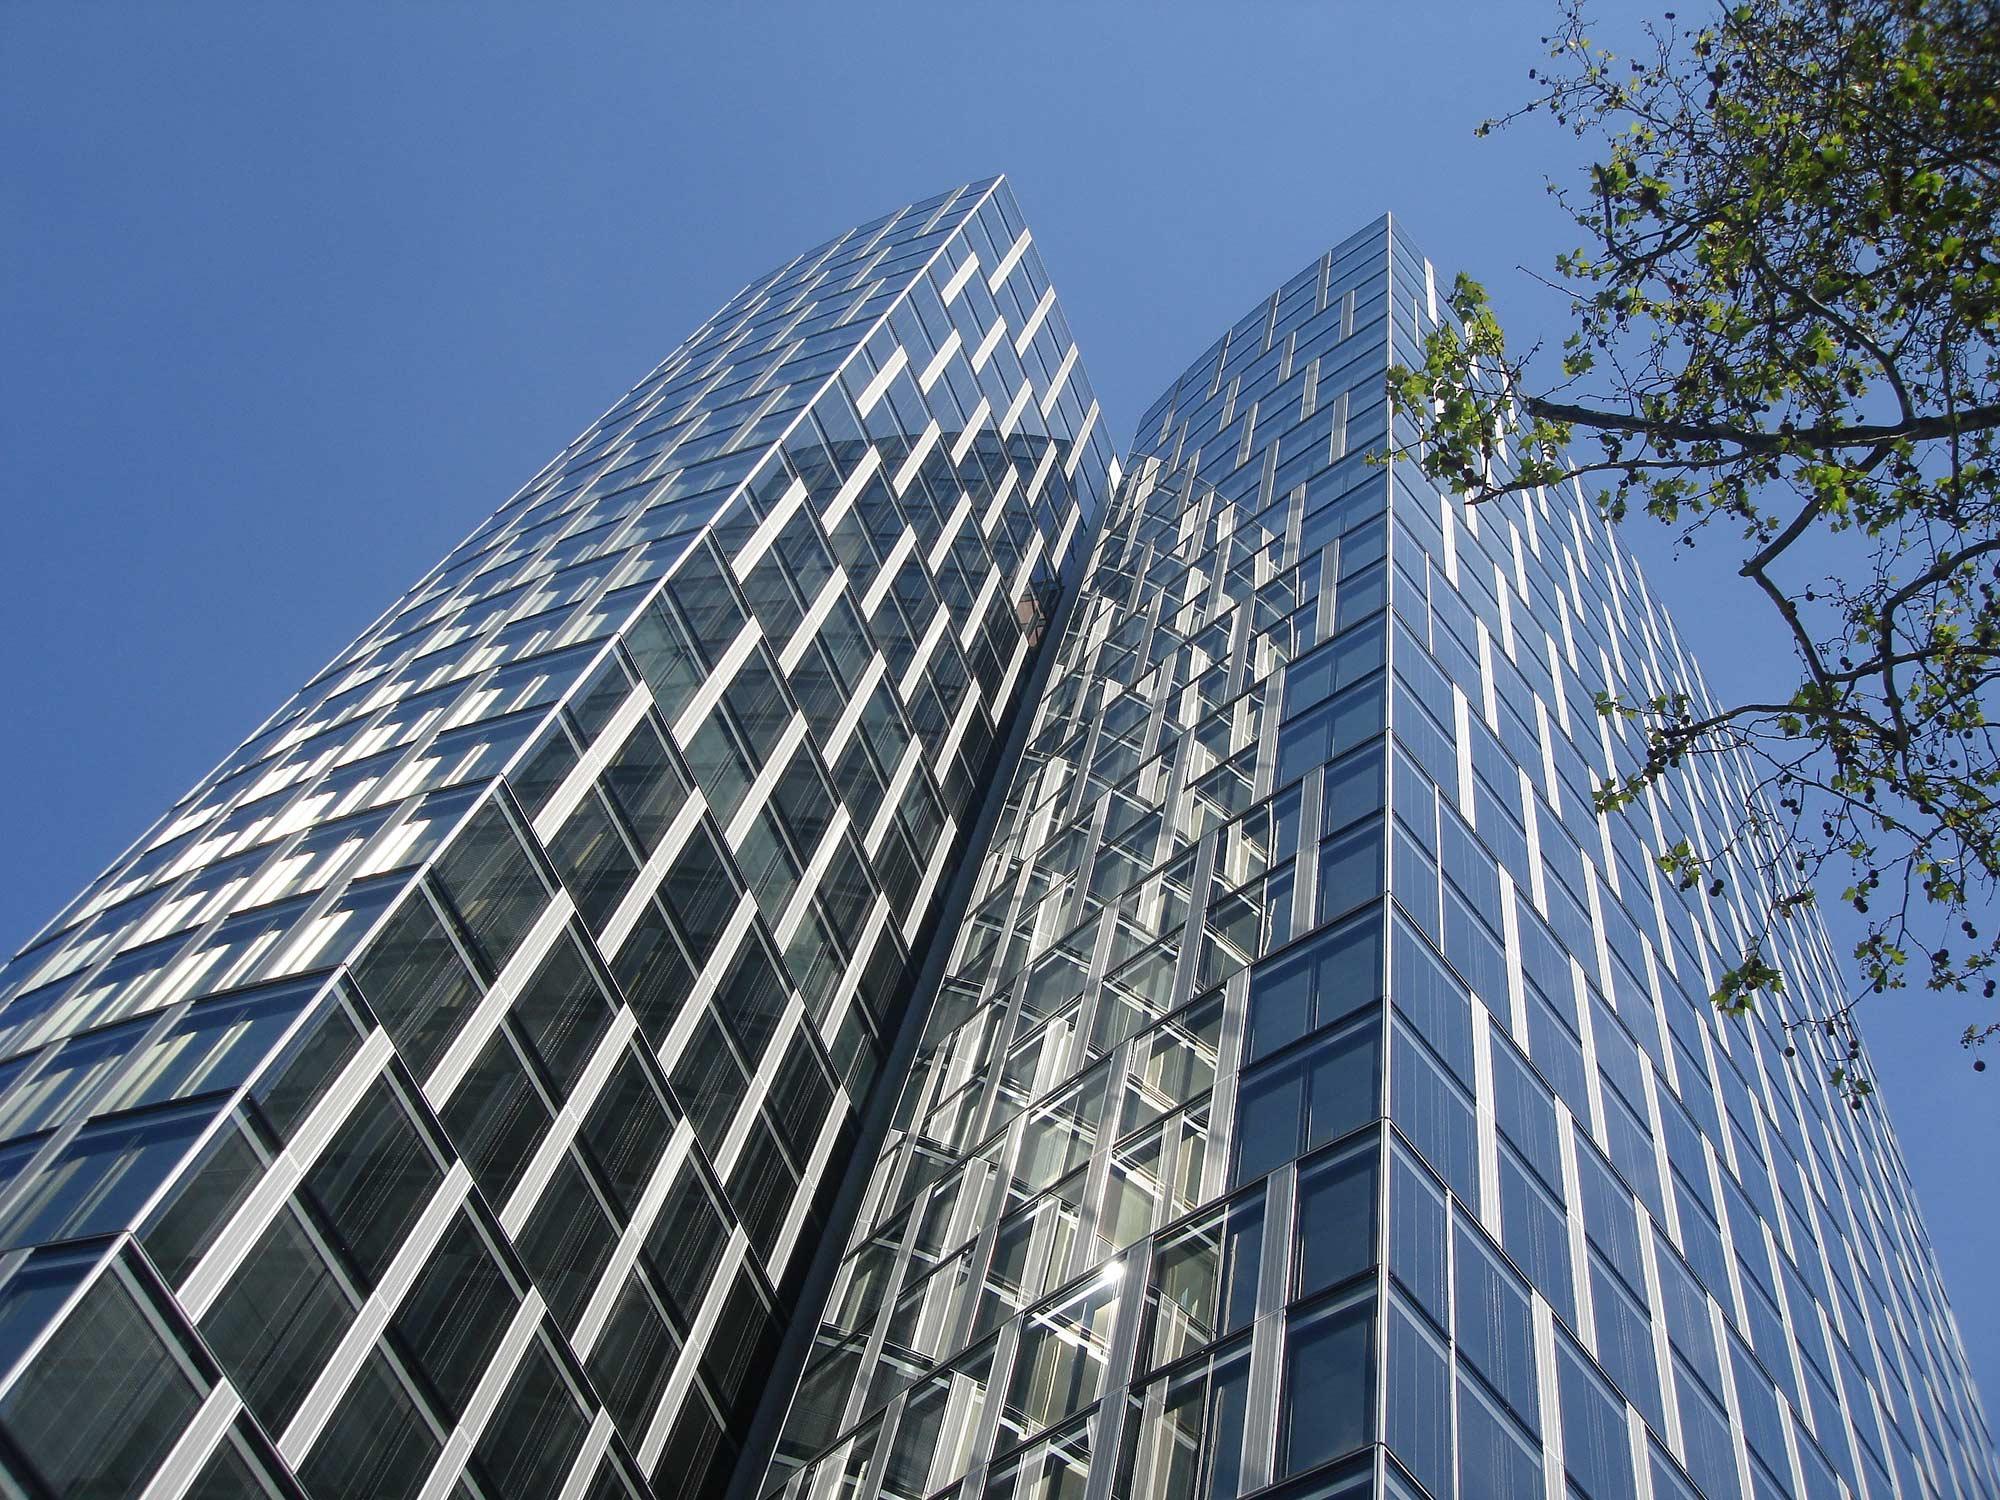 Frankfurt Westend Duo Hochhaus - Bürohaus Westend - Fassade Westendduo - Deutsche Bank Hochhaus - DWS Investment